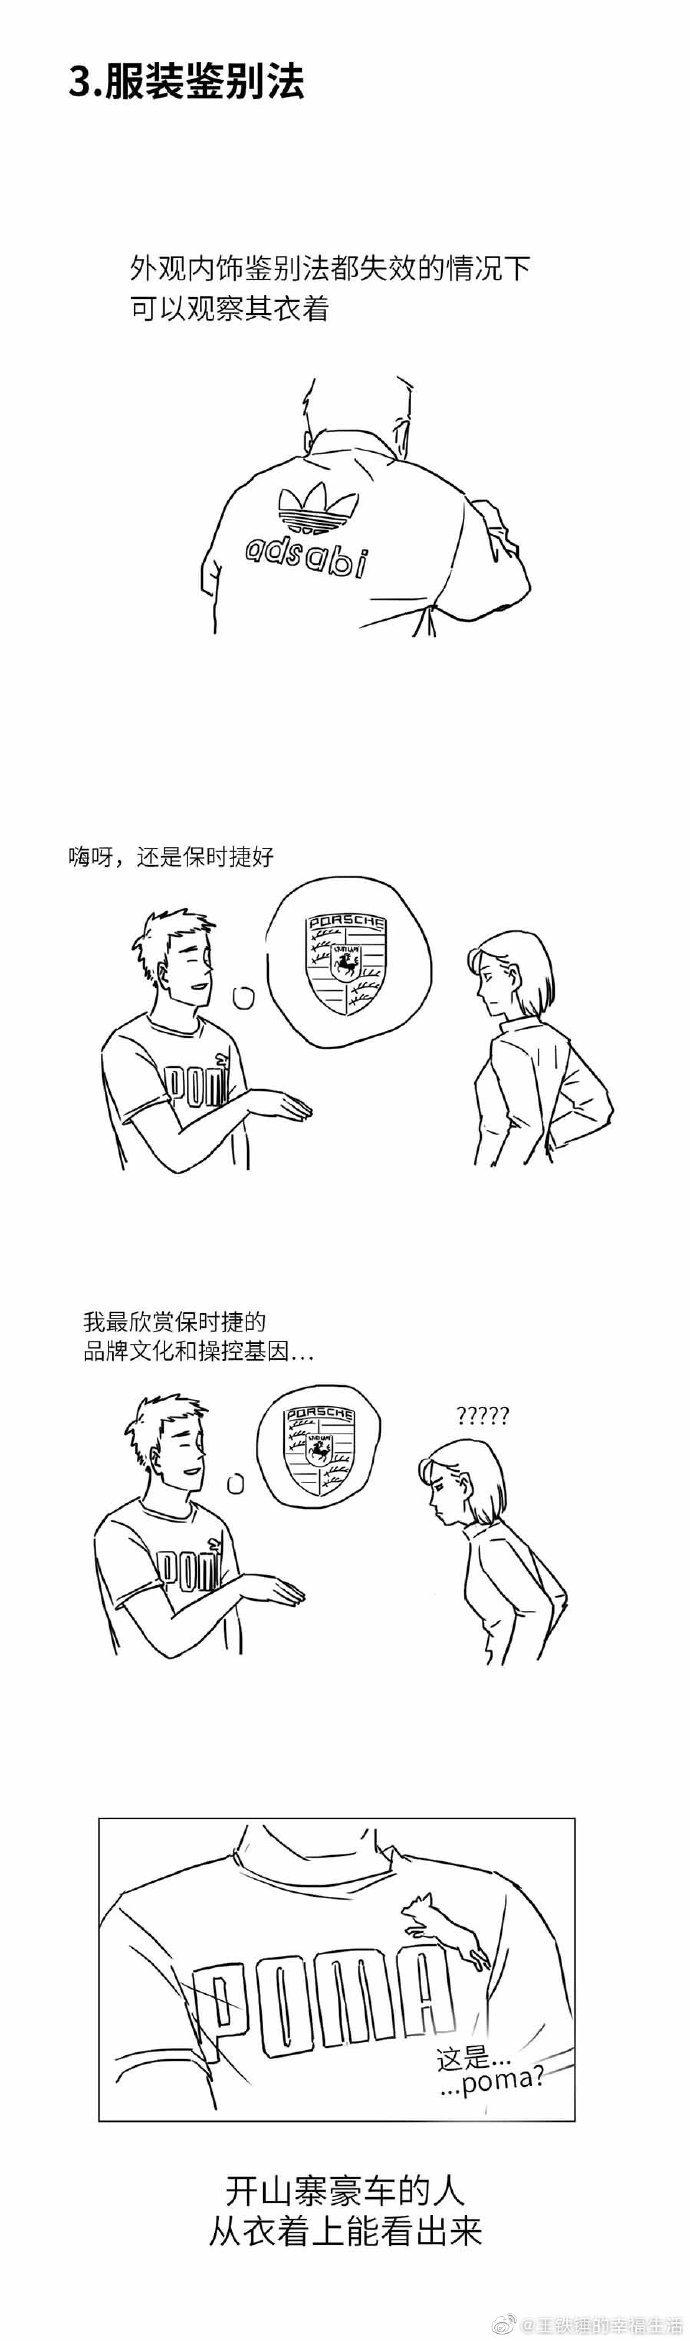 春节防装逼必备:假豪车鉴定指南  liuliushe.net六六社 第6张